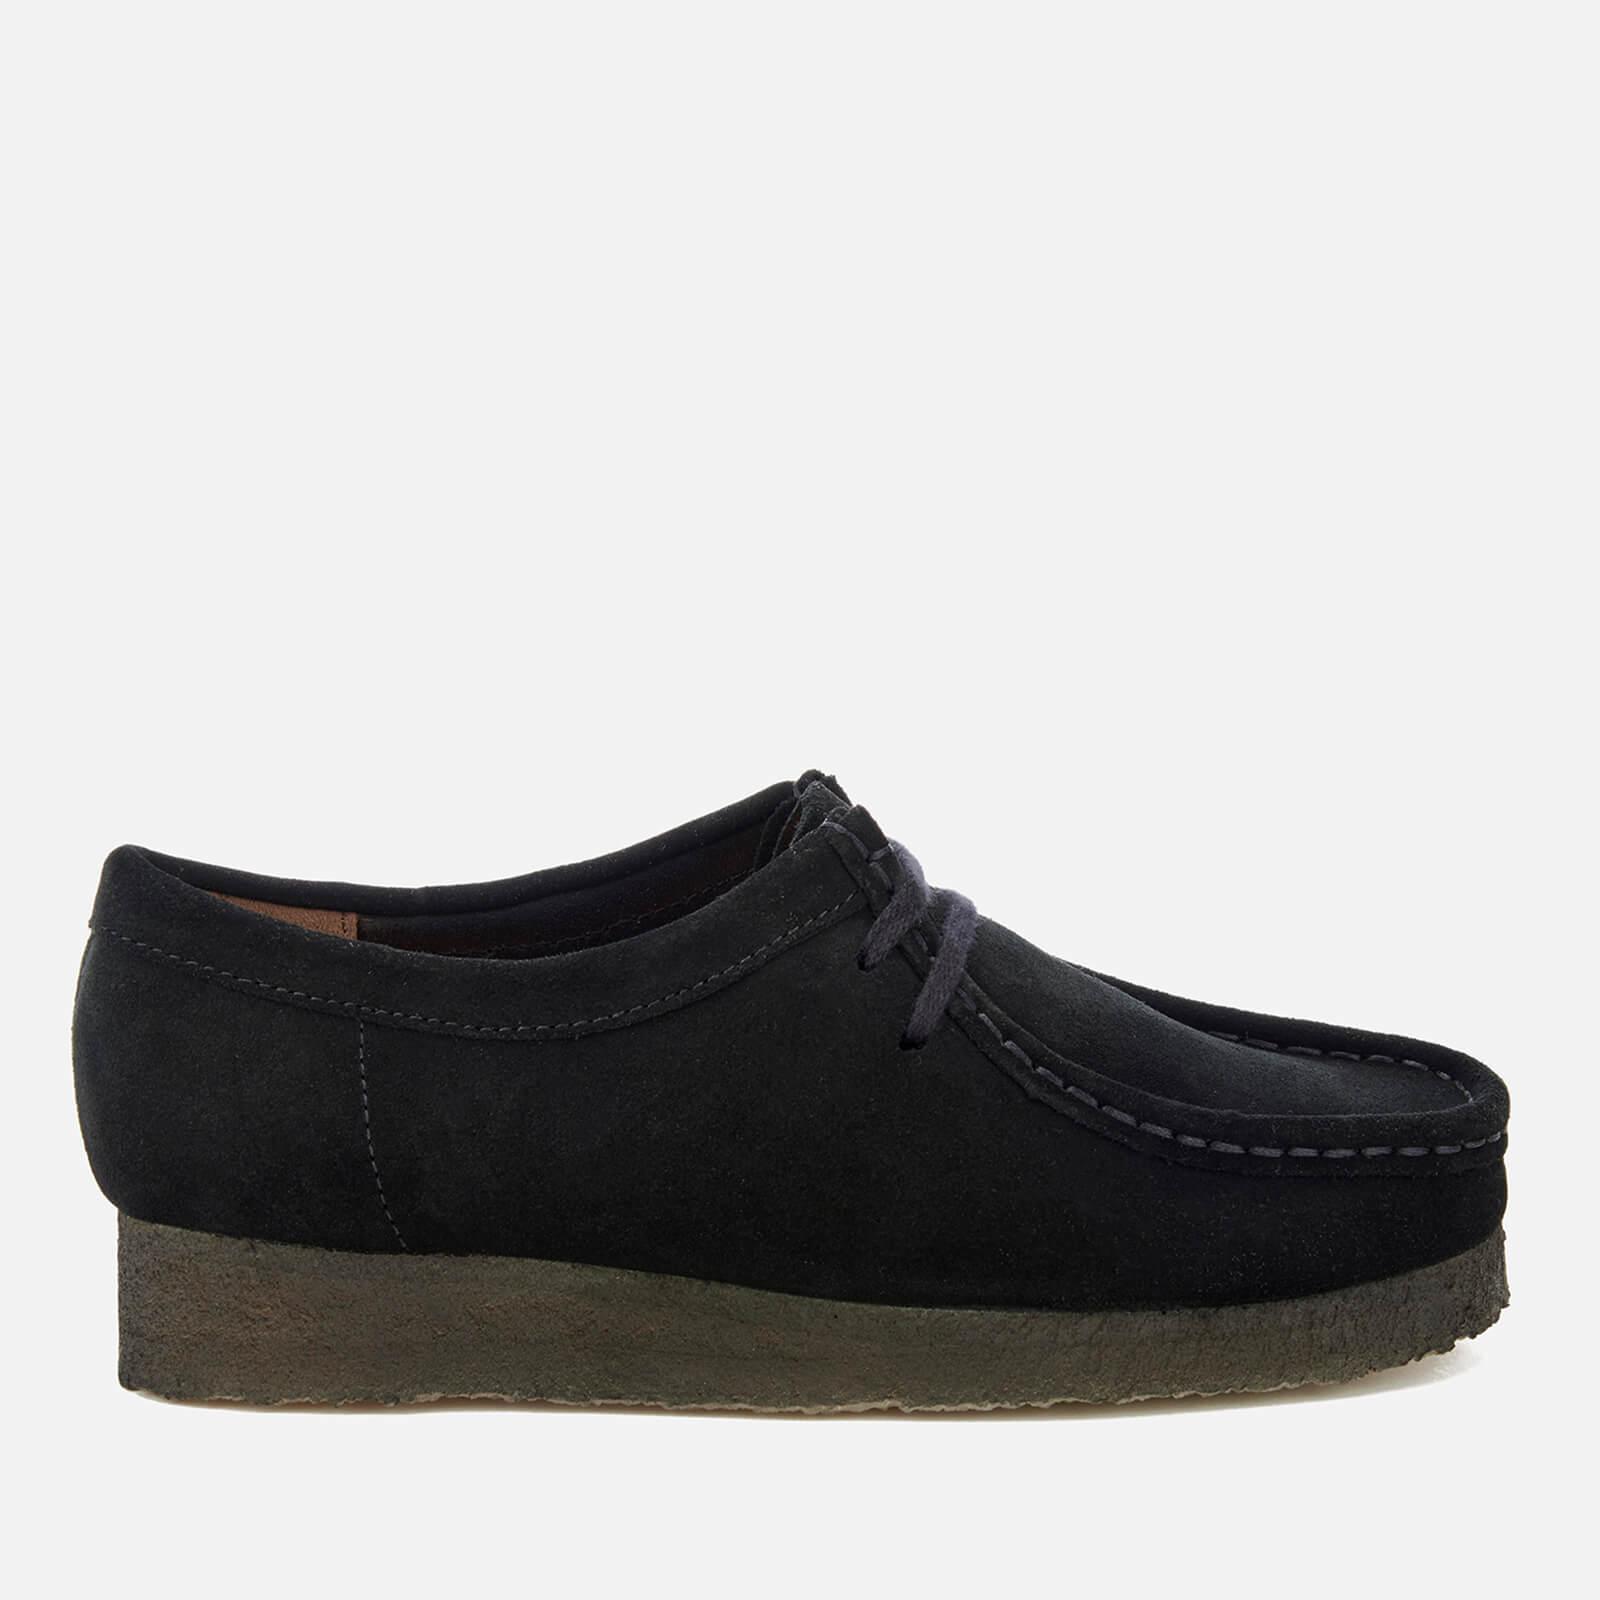 Clarks Originals Women's Wallabee Shoes - Black Suede - UK 3